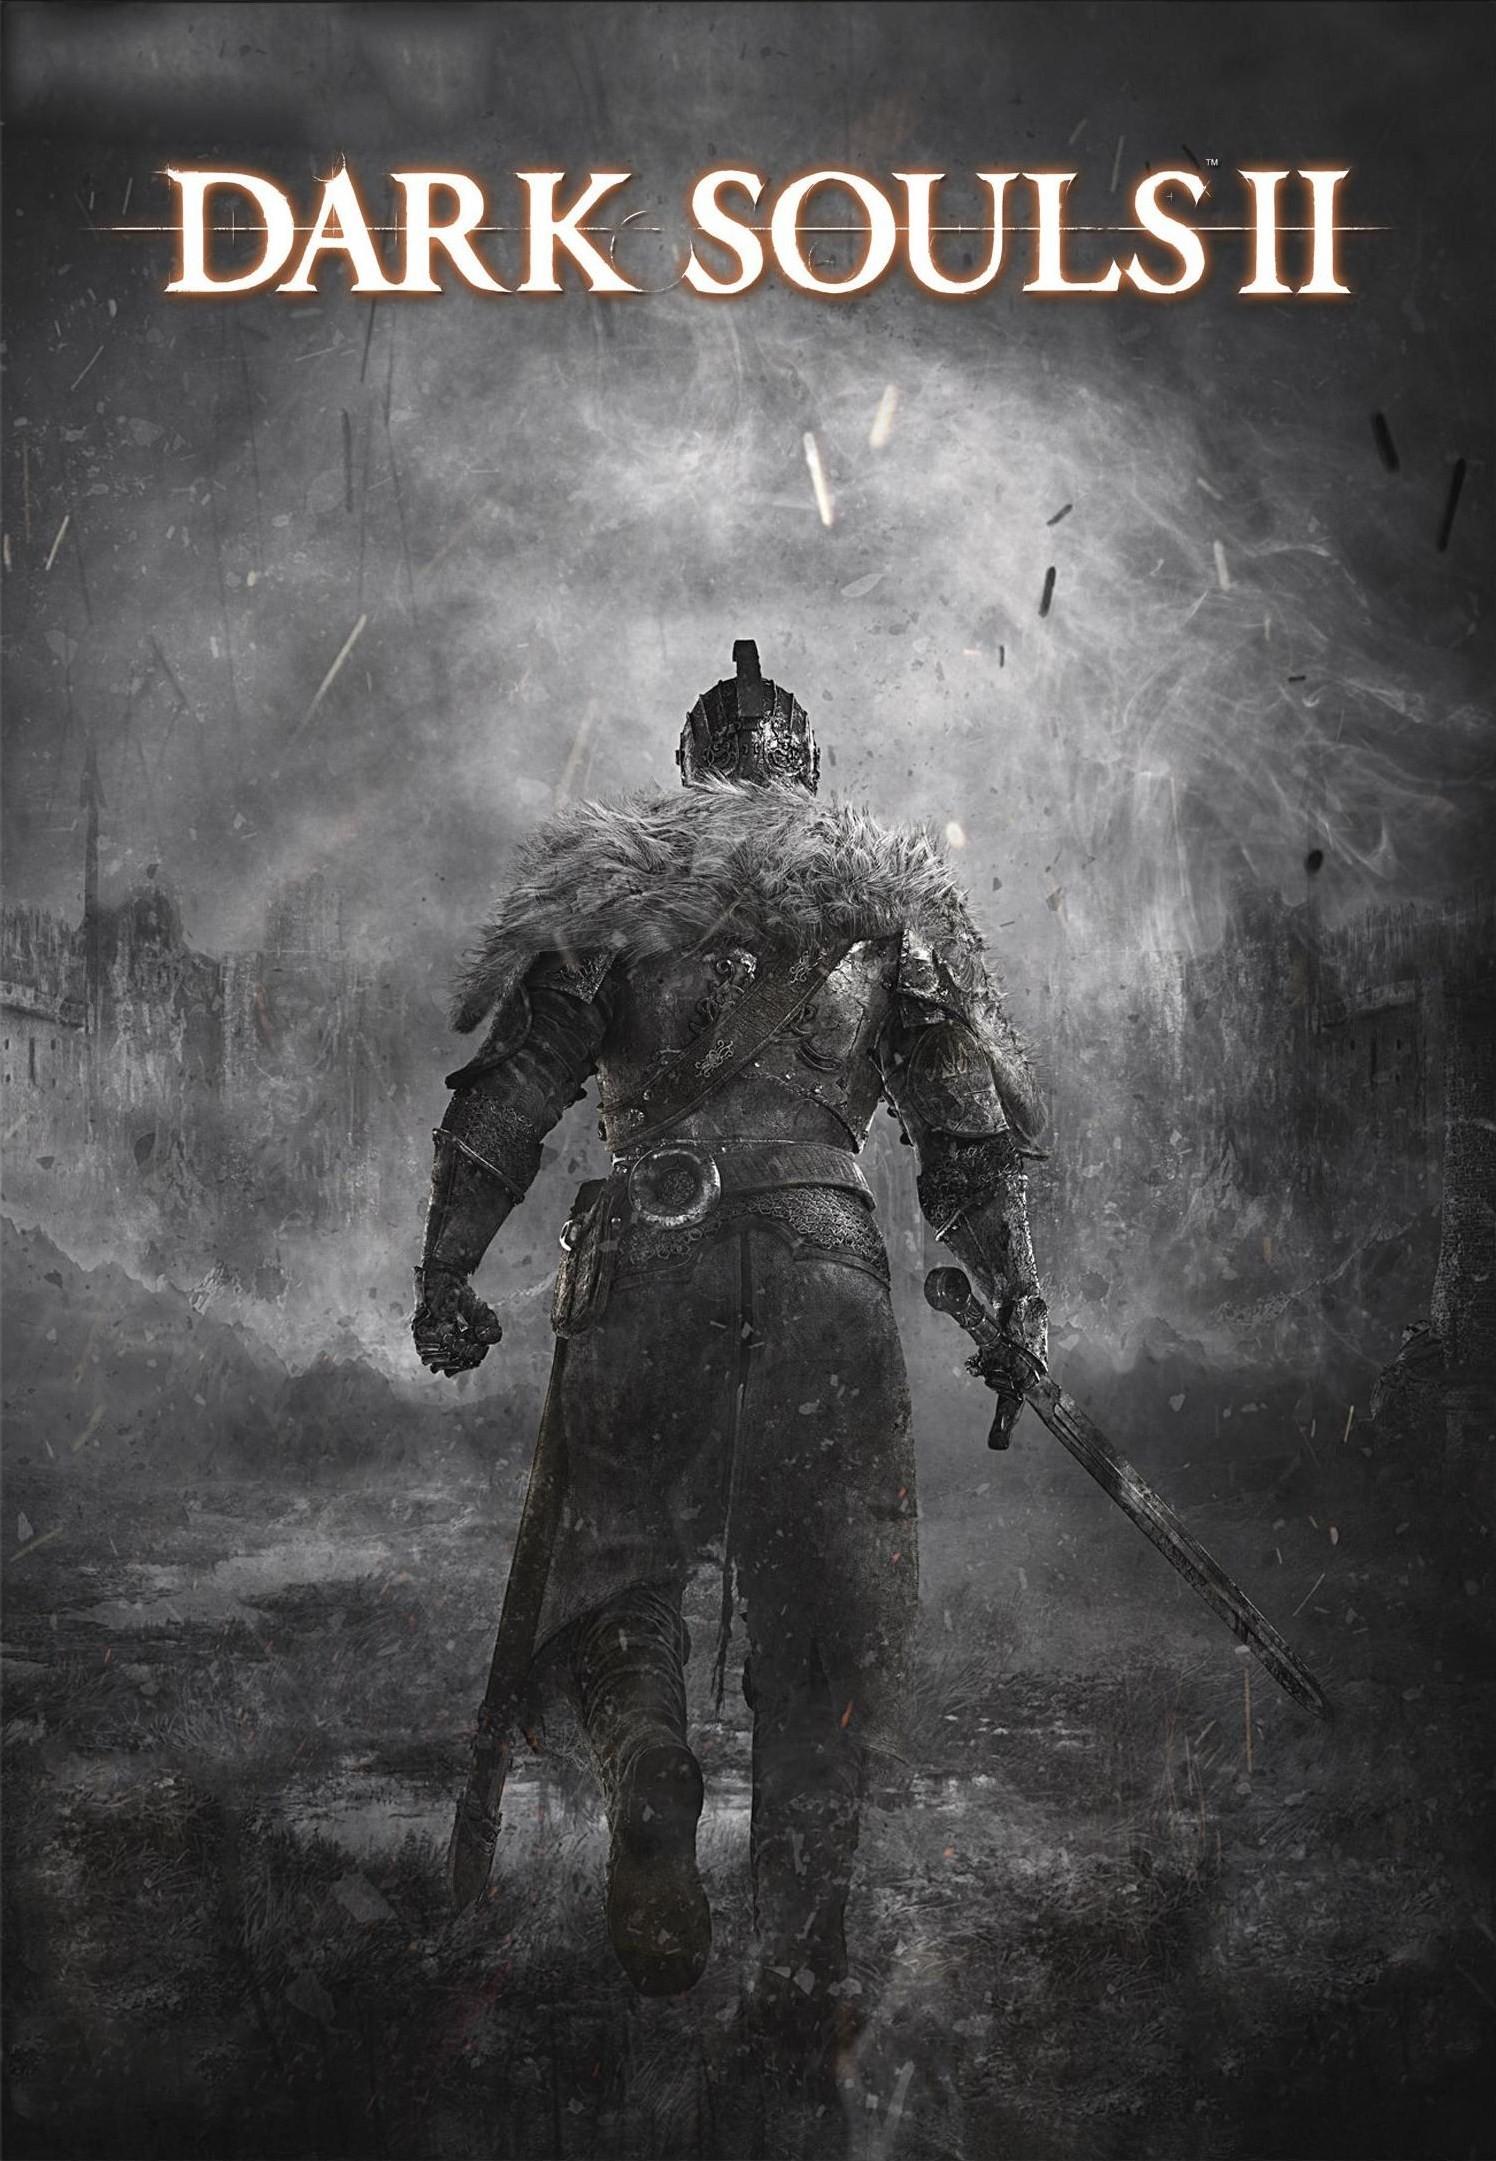 Dark Souls 3 Iphone Wallpaper 73 Images